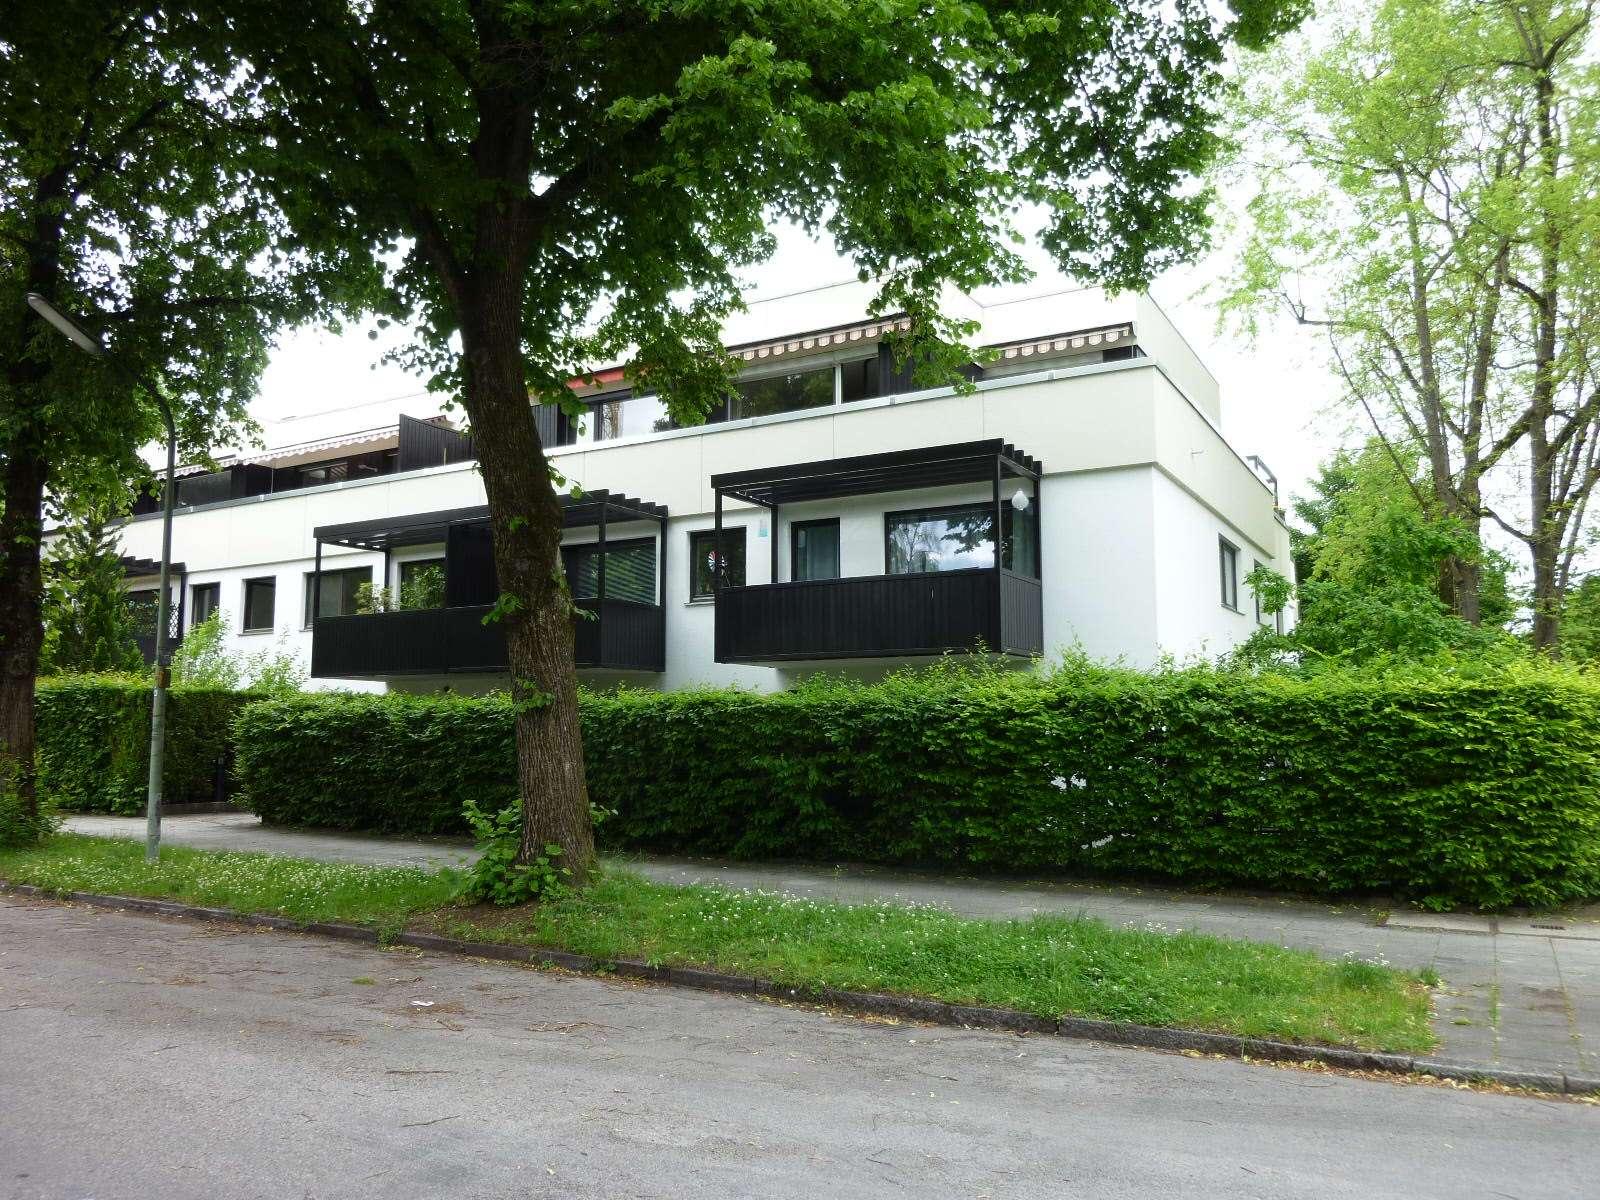 Idyllische Wohnung in umfangreicher Grünanlage, Untergiesing/Harlaching